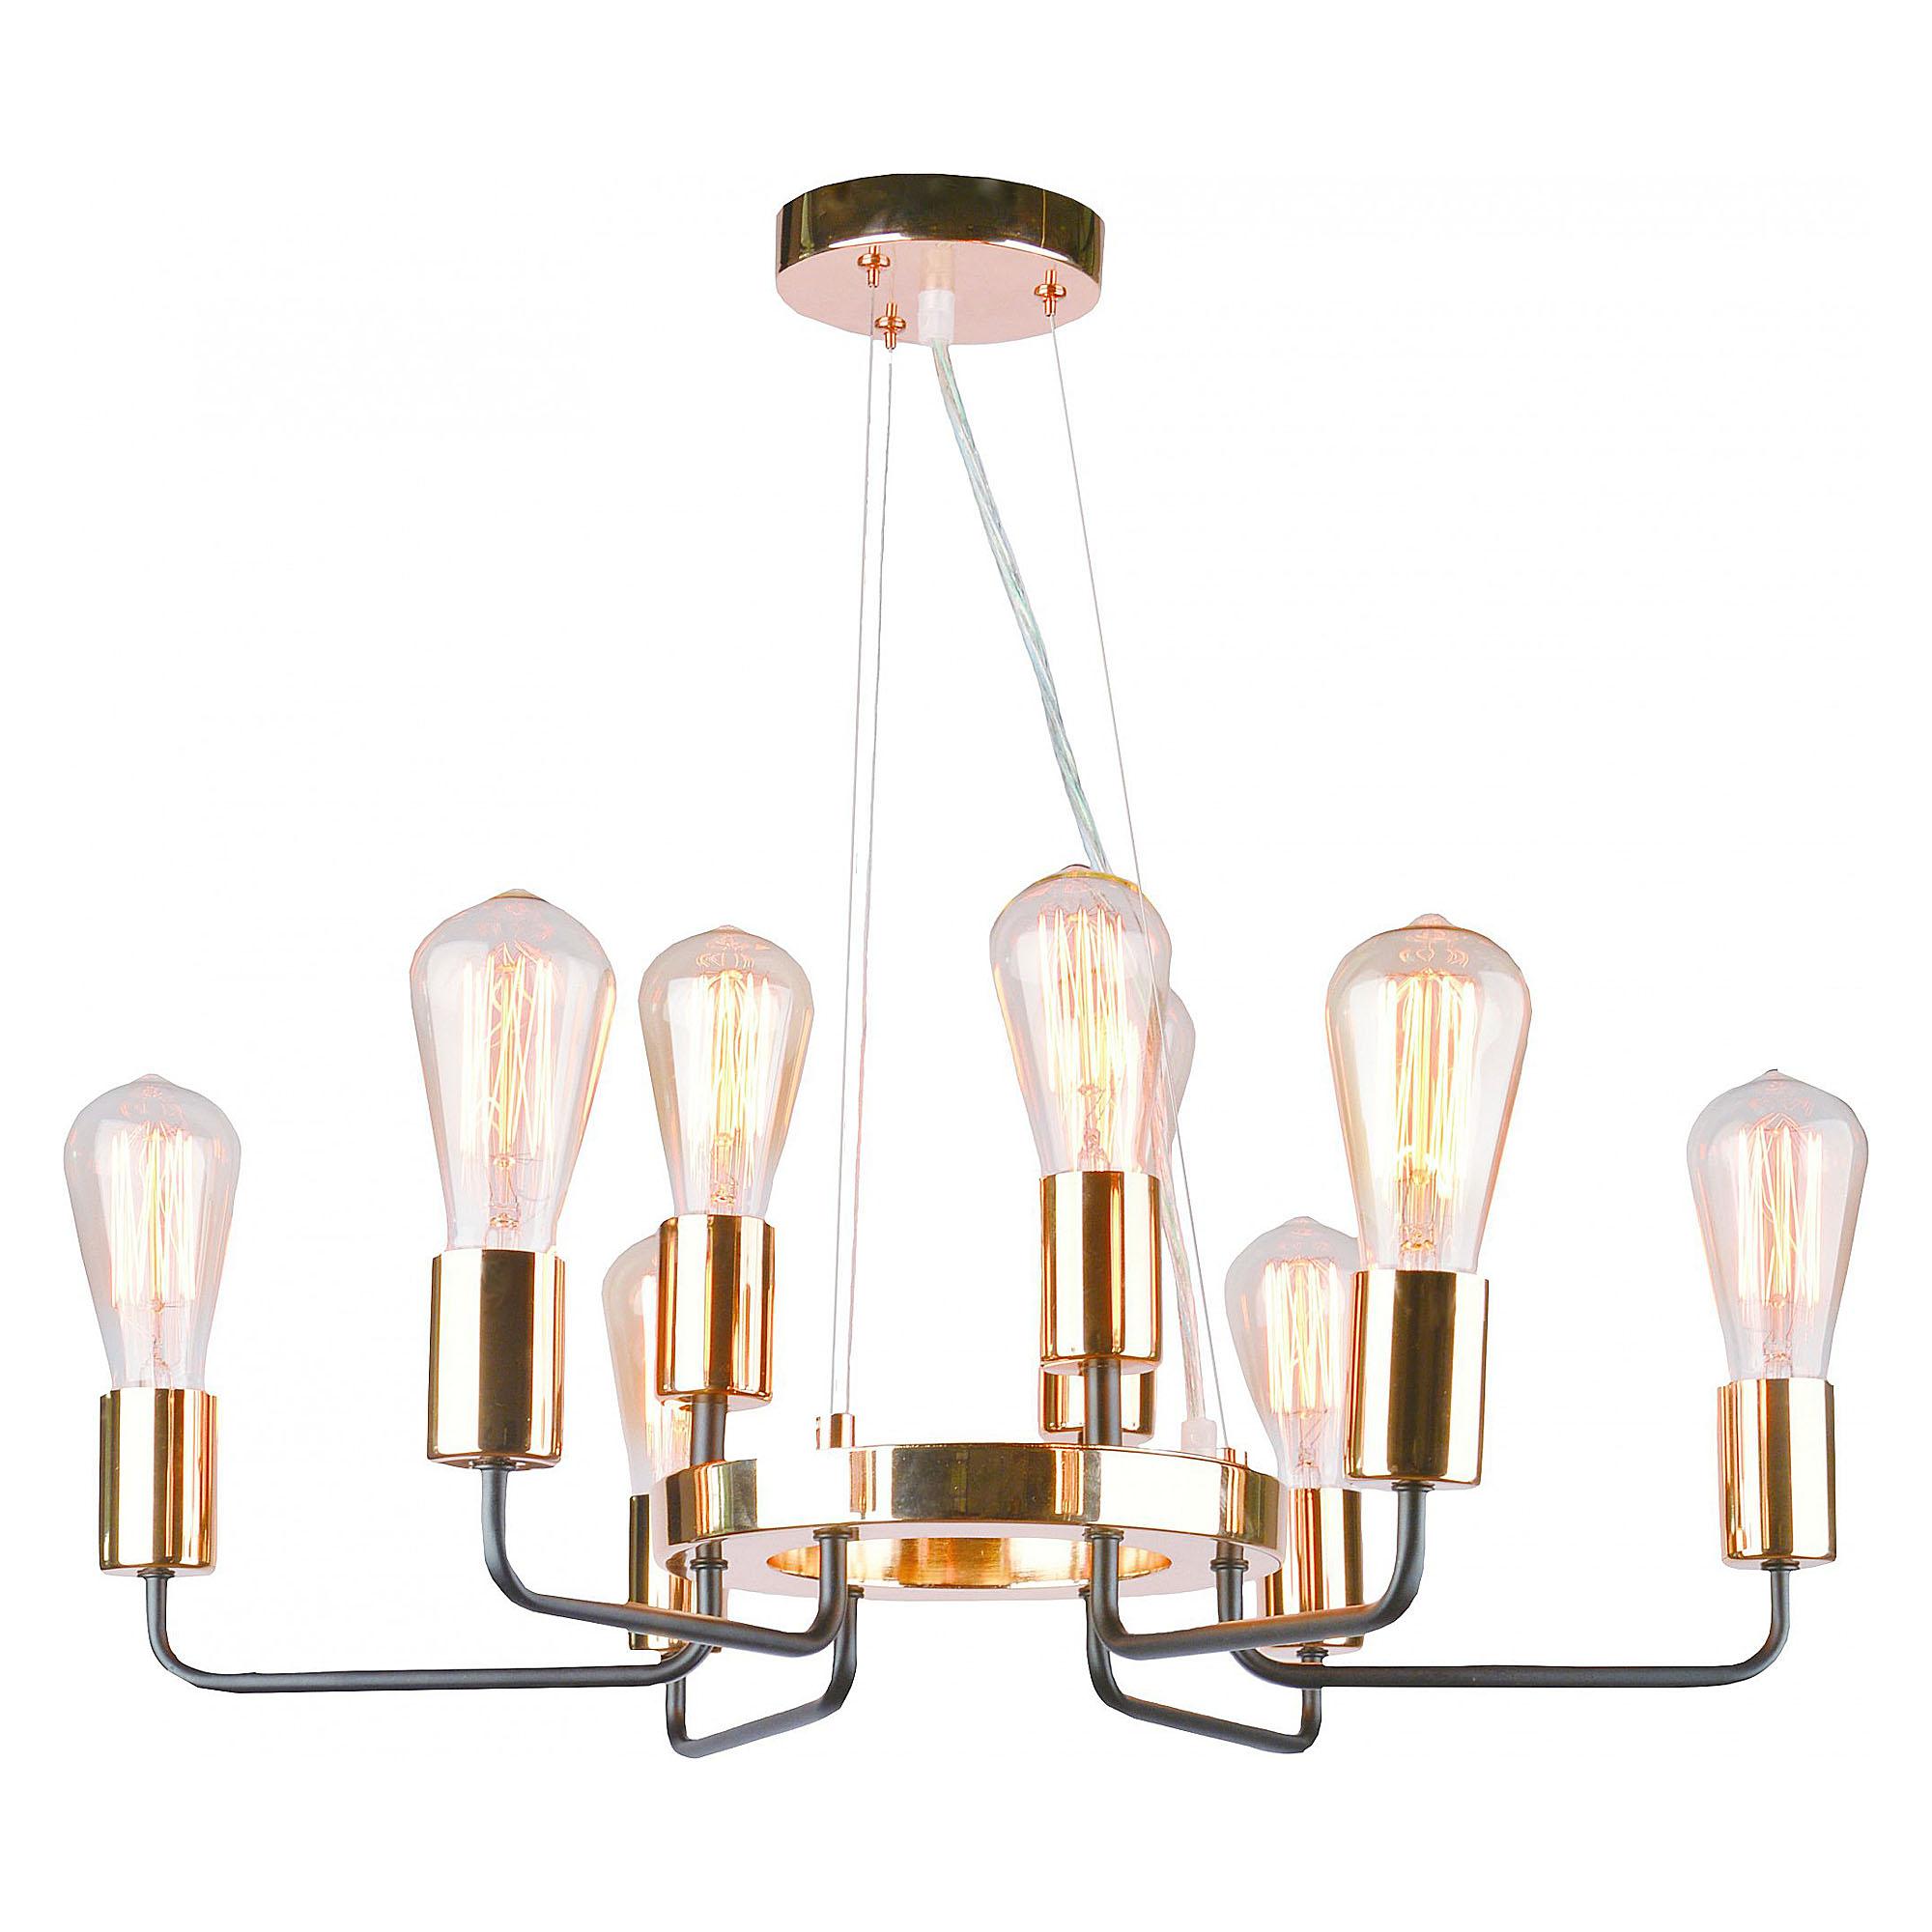 Фото - Люстра потолочная Arte Lamp A6001LM-9BK люстра потолочная arte lamp gelo a6001pl 9bk